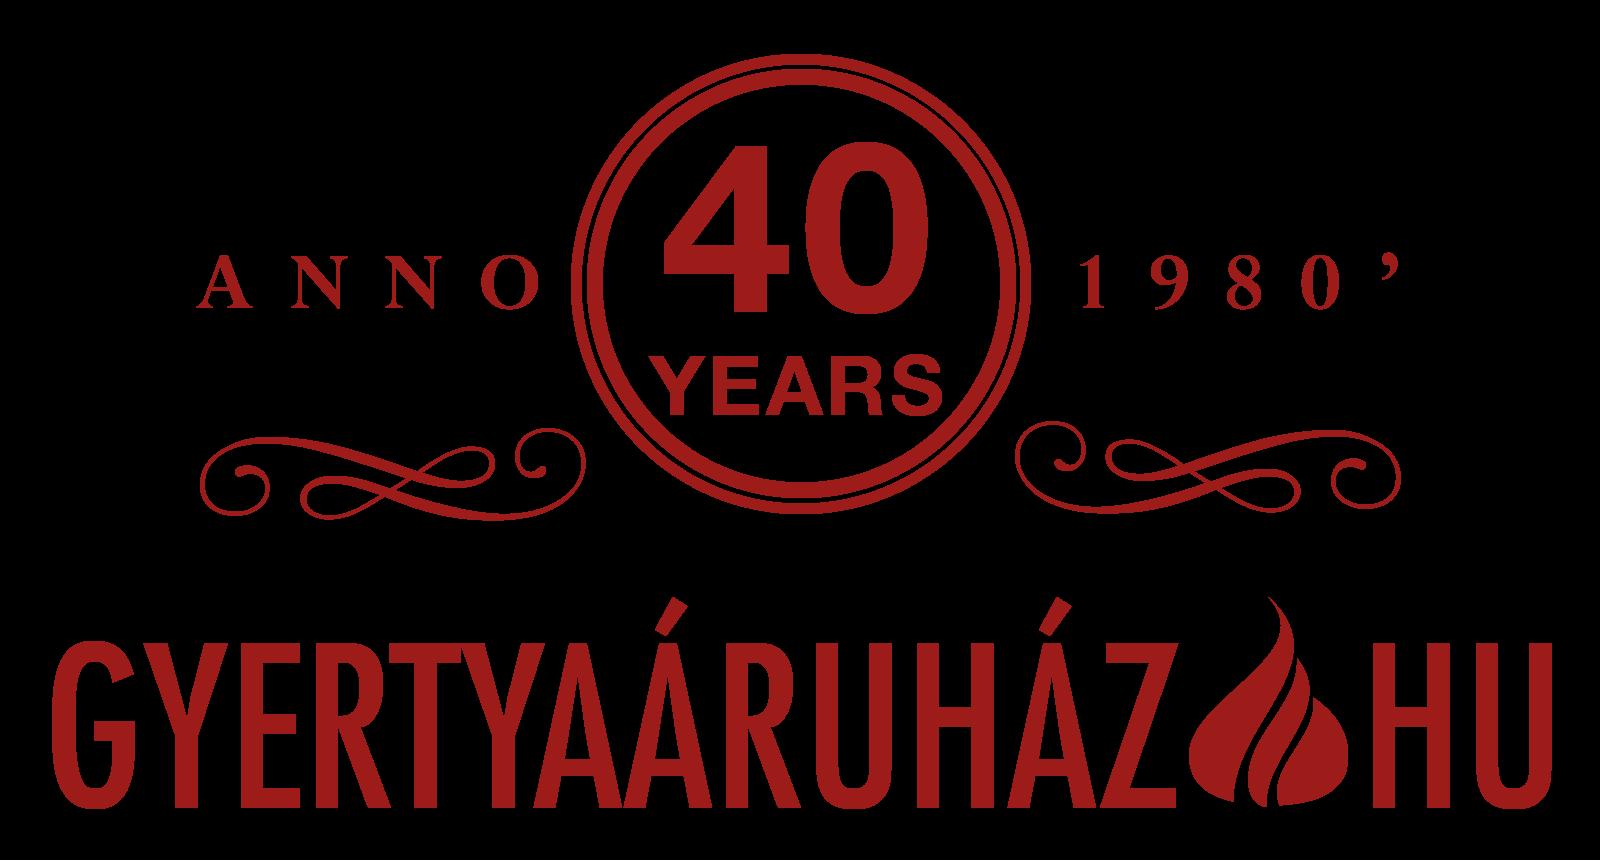 gyertya-aruhaz-35-eves-logo